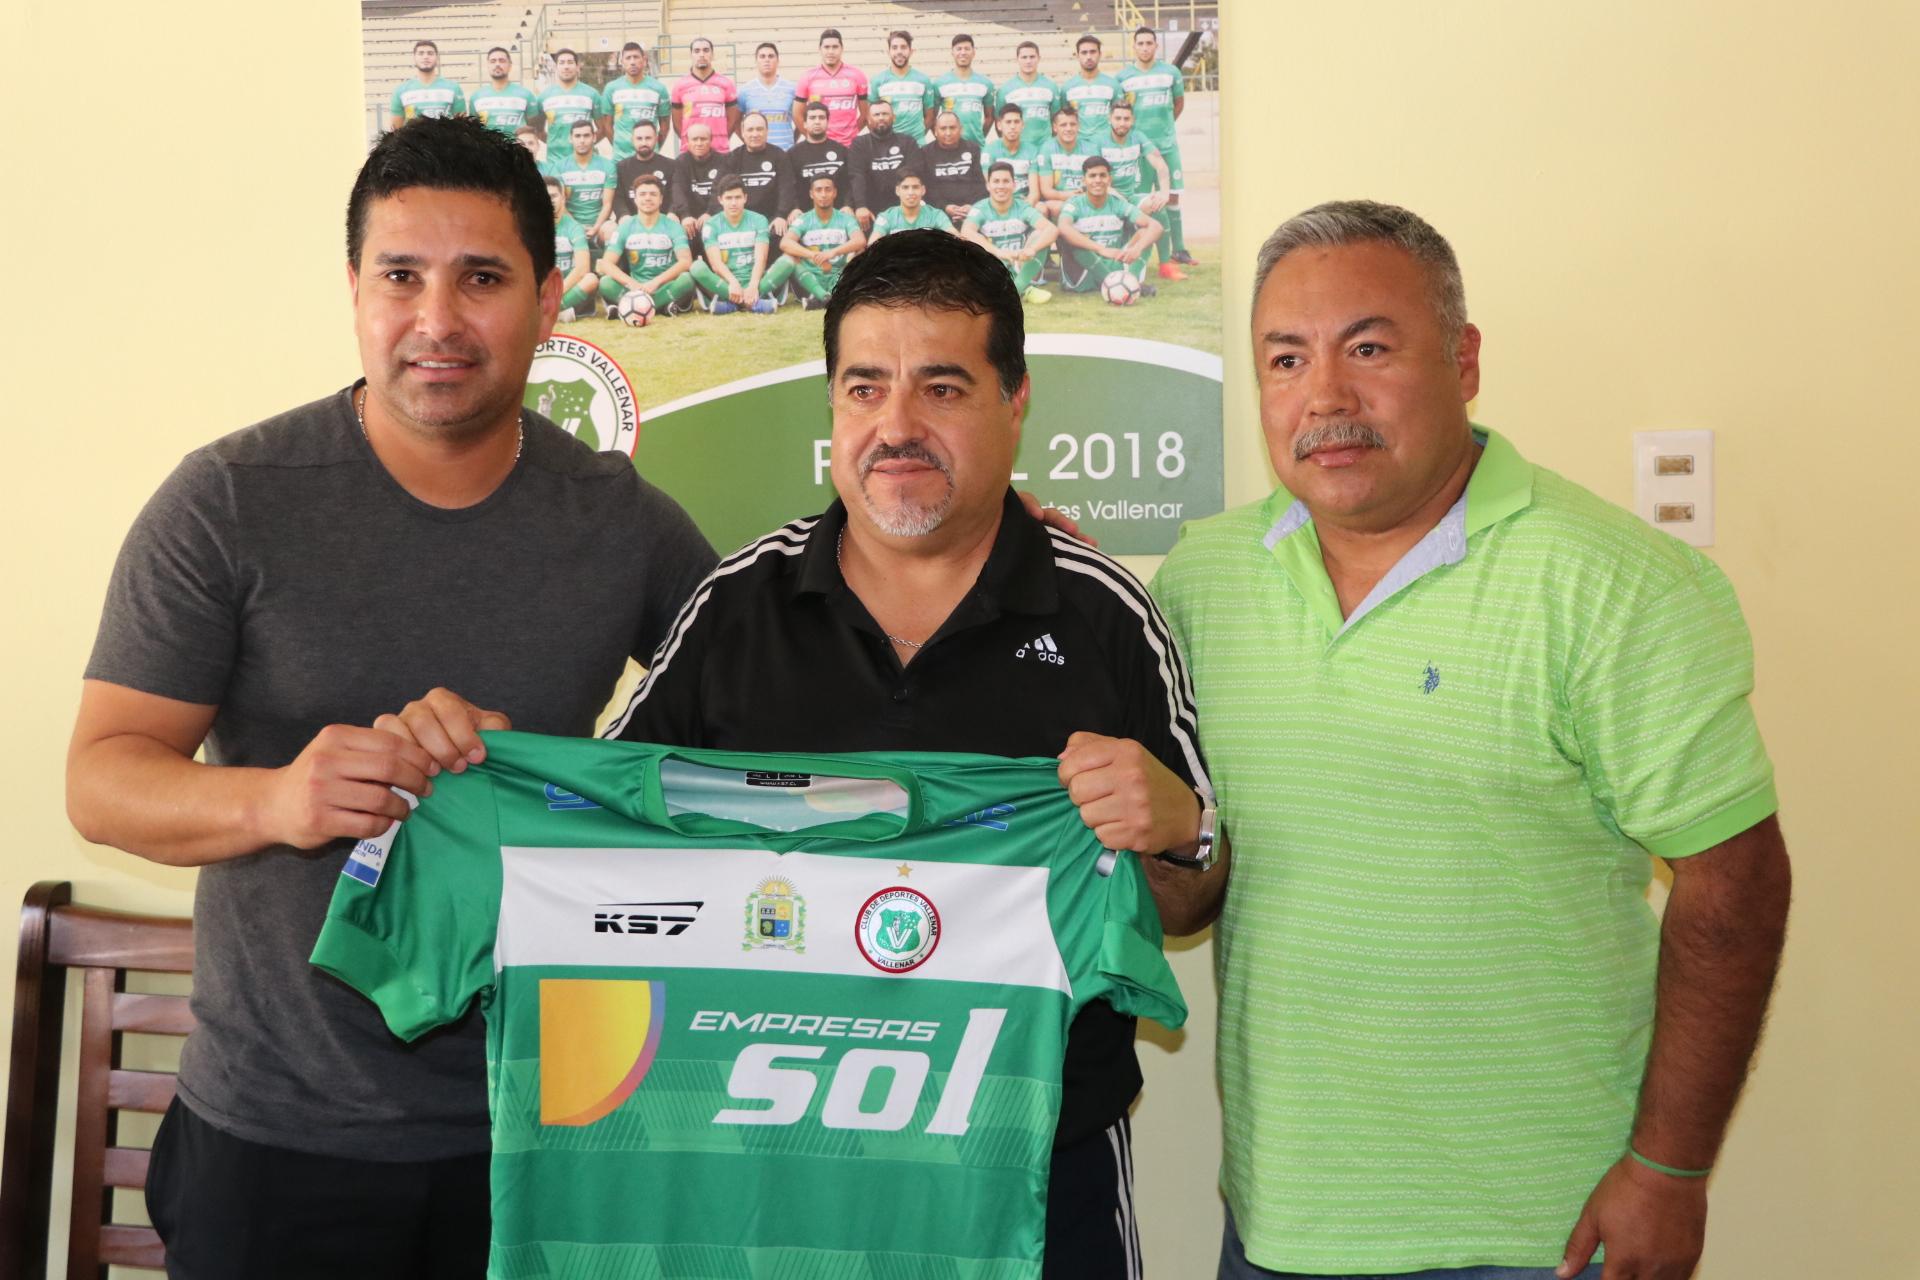 Gerardo Silva, el técnico que viene a buscar el ascenso con Deportes Vallenar